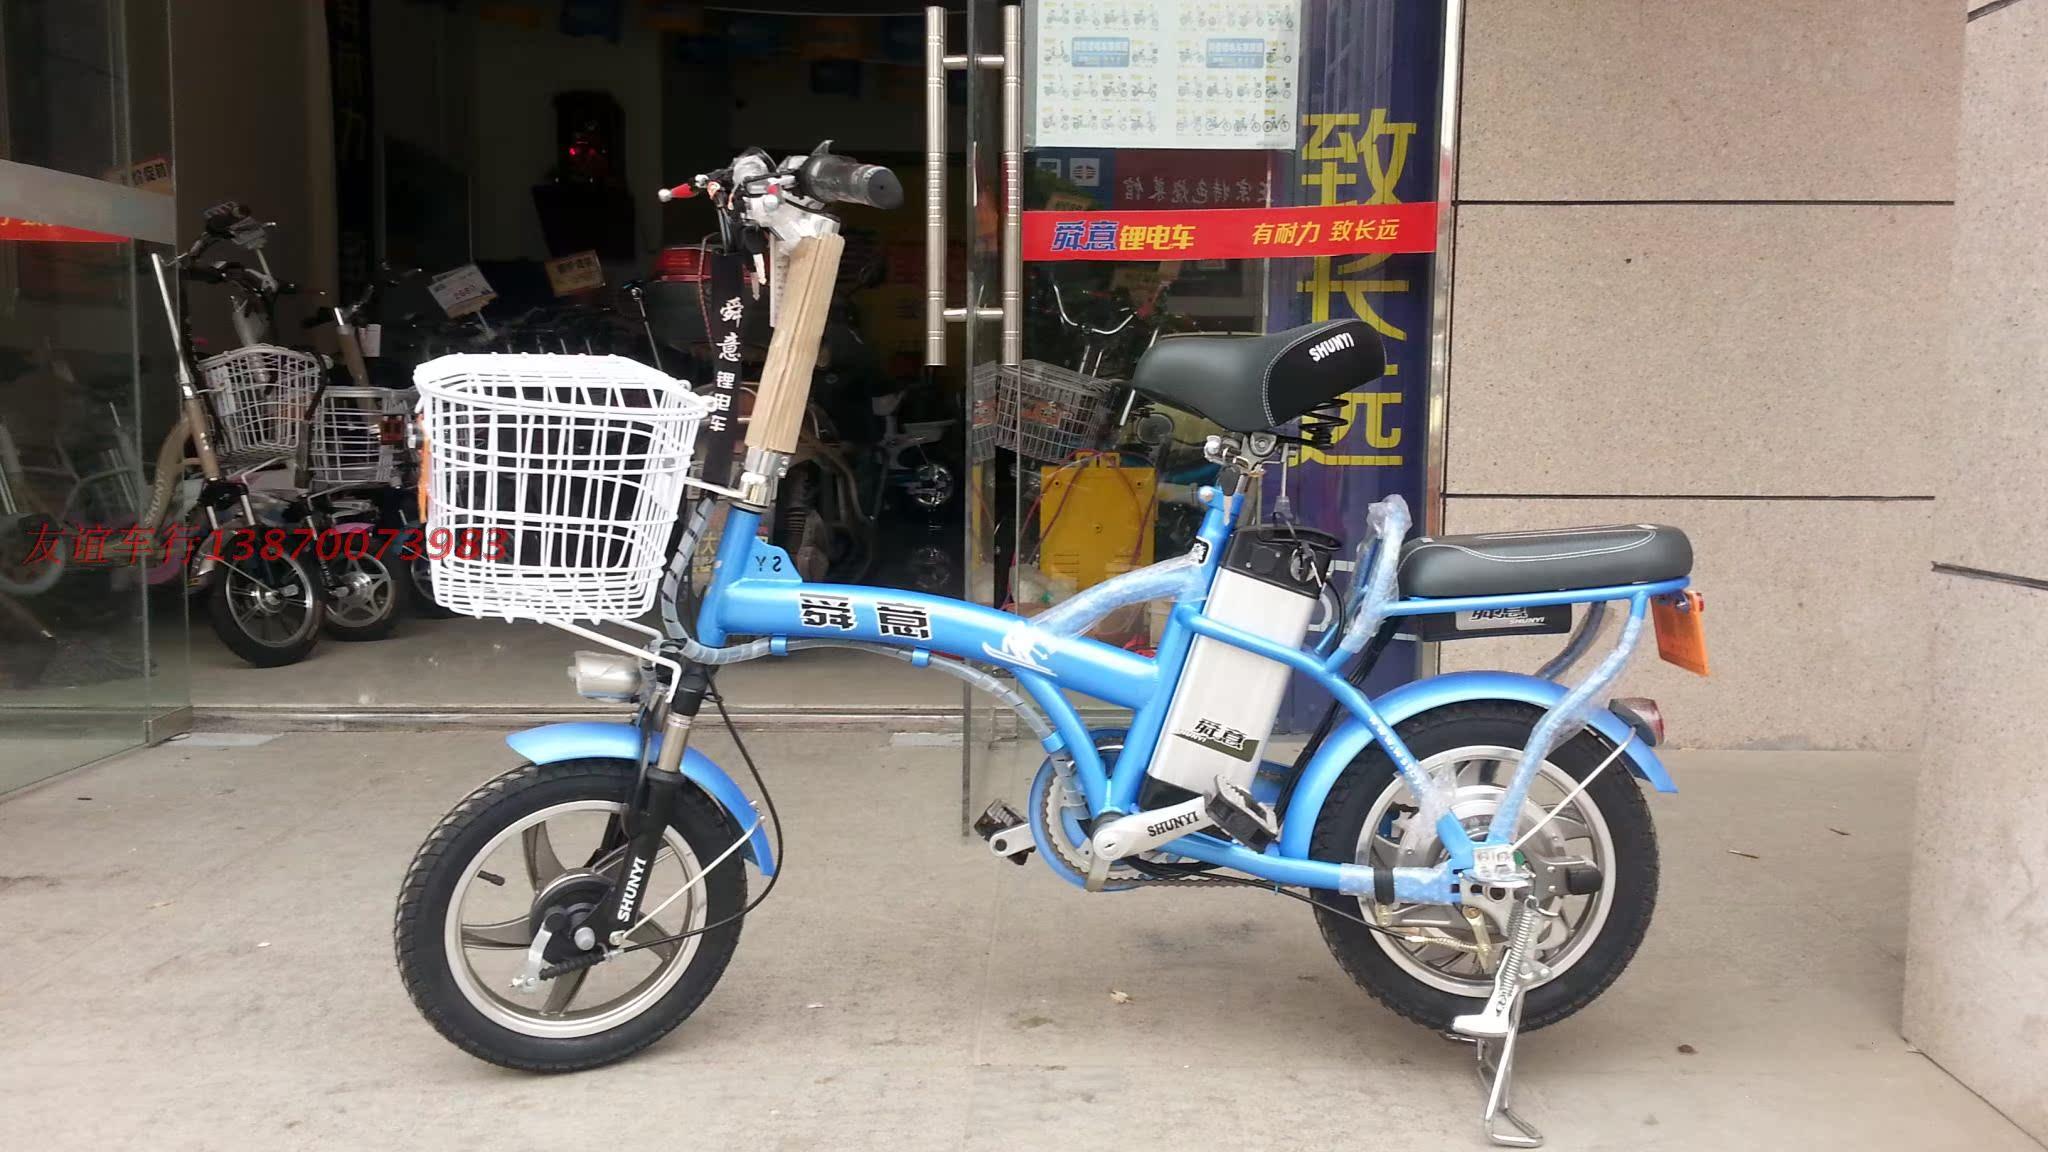 舜意锂电池电动车锂电车48v14轮限量特价同城包邮图片